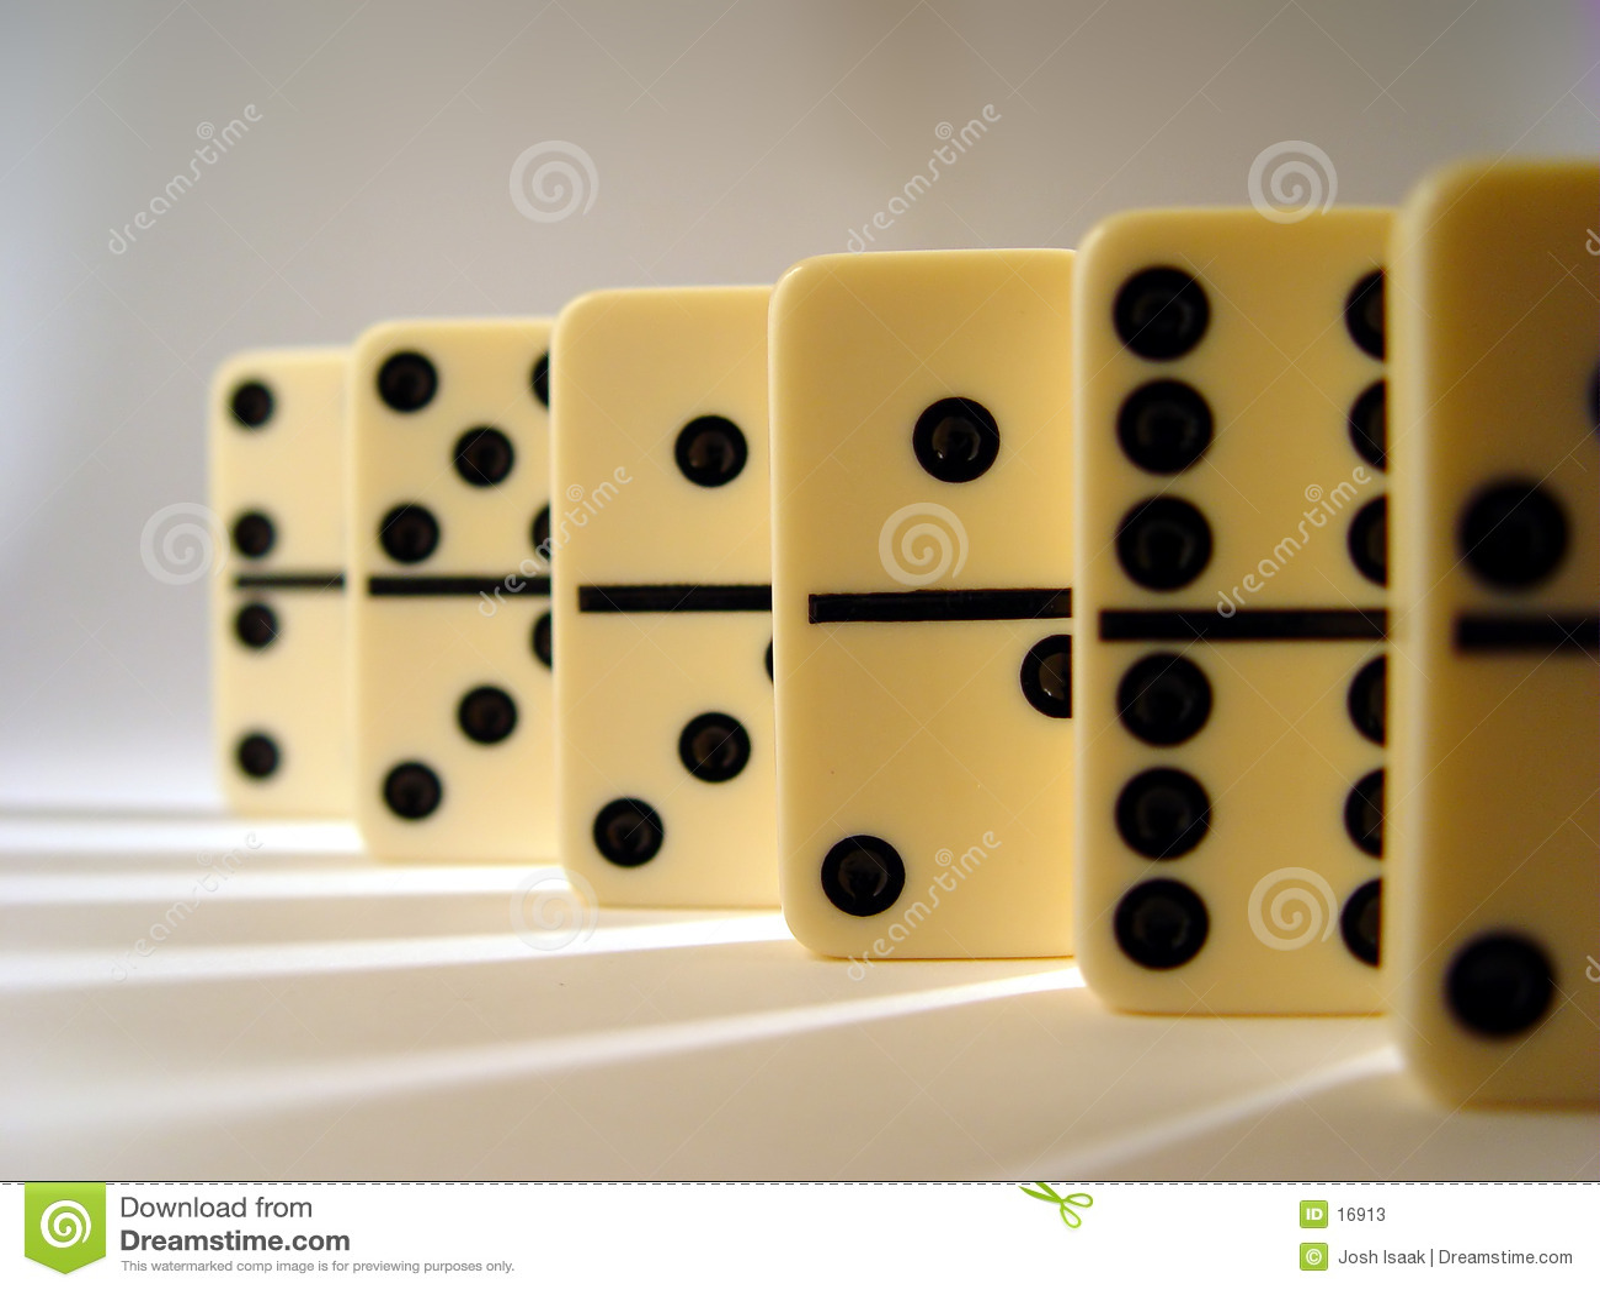 Opgestelde Domino s